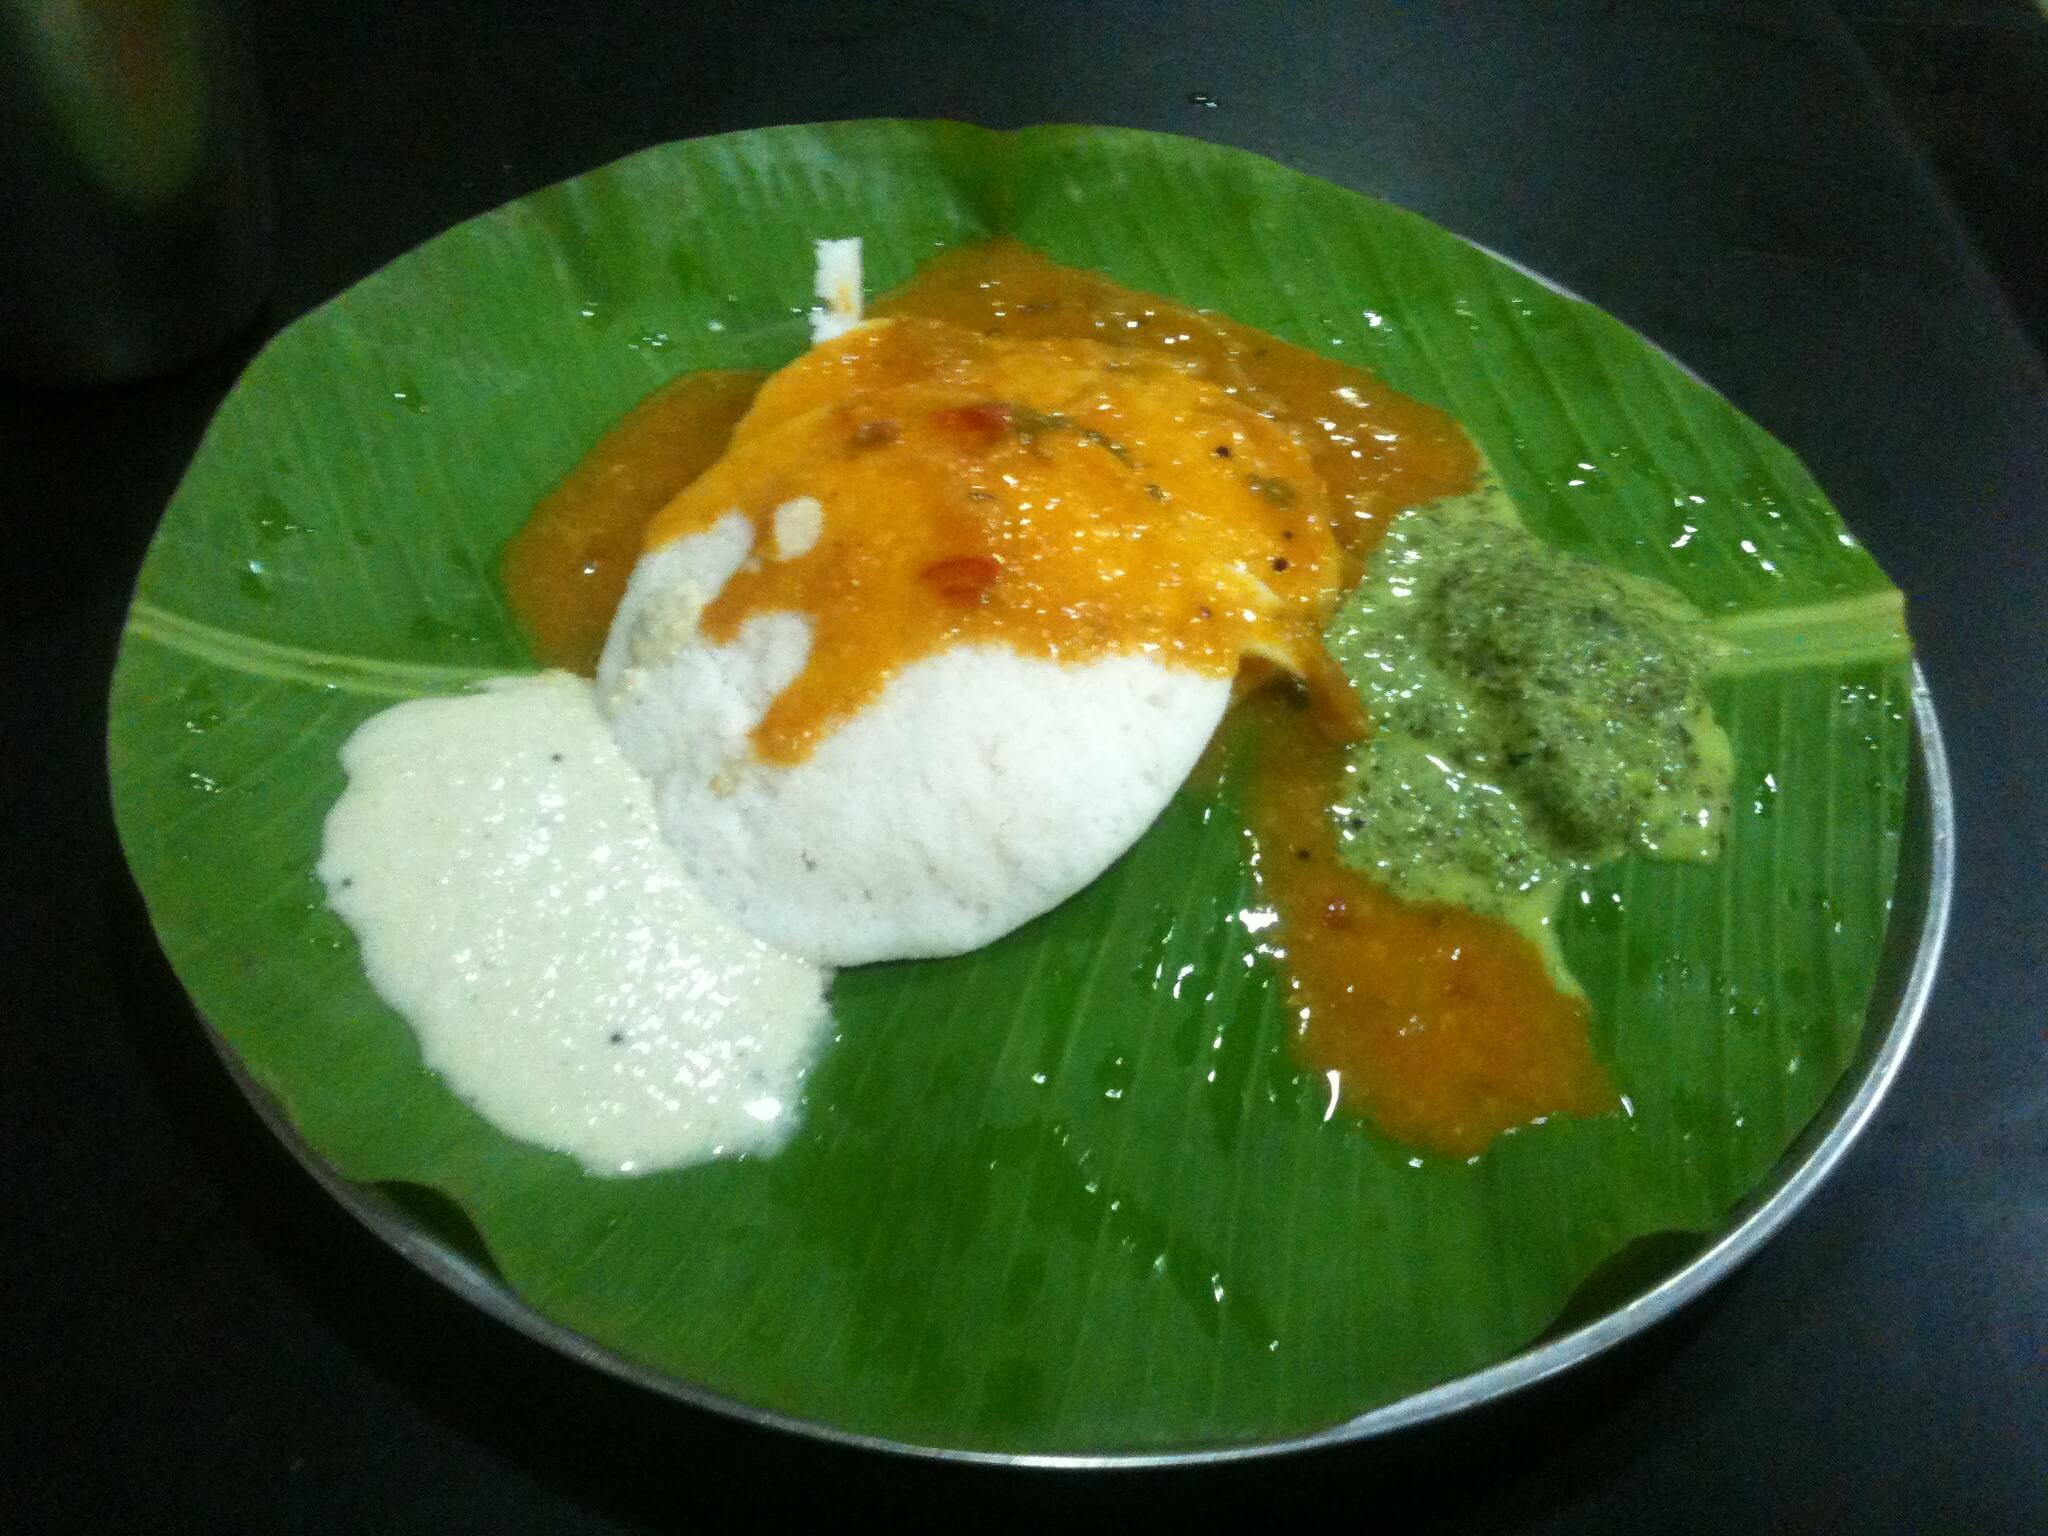 street food idli on banana leaf